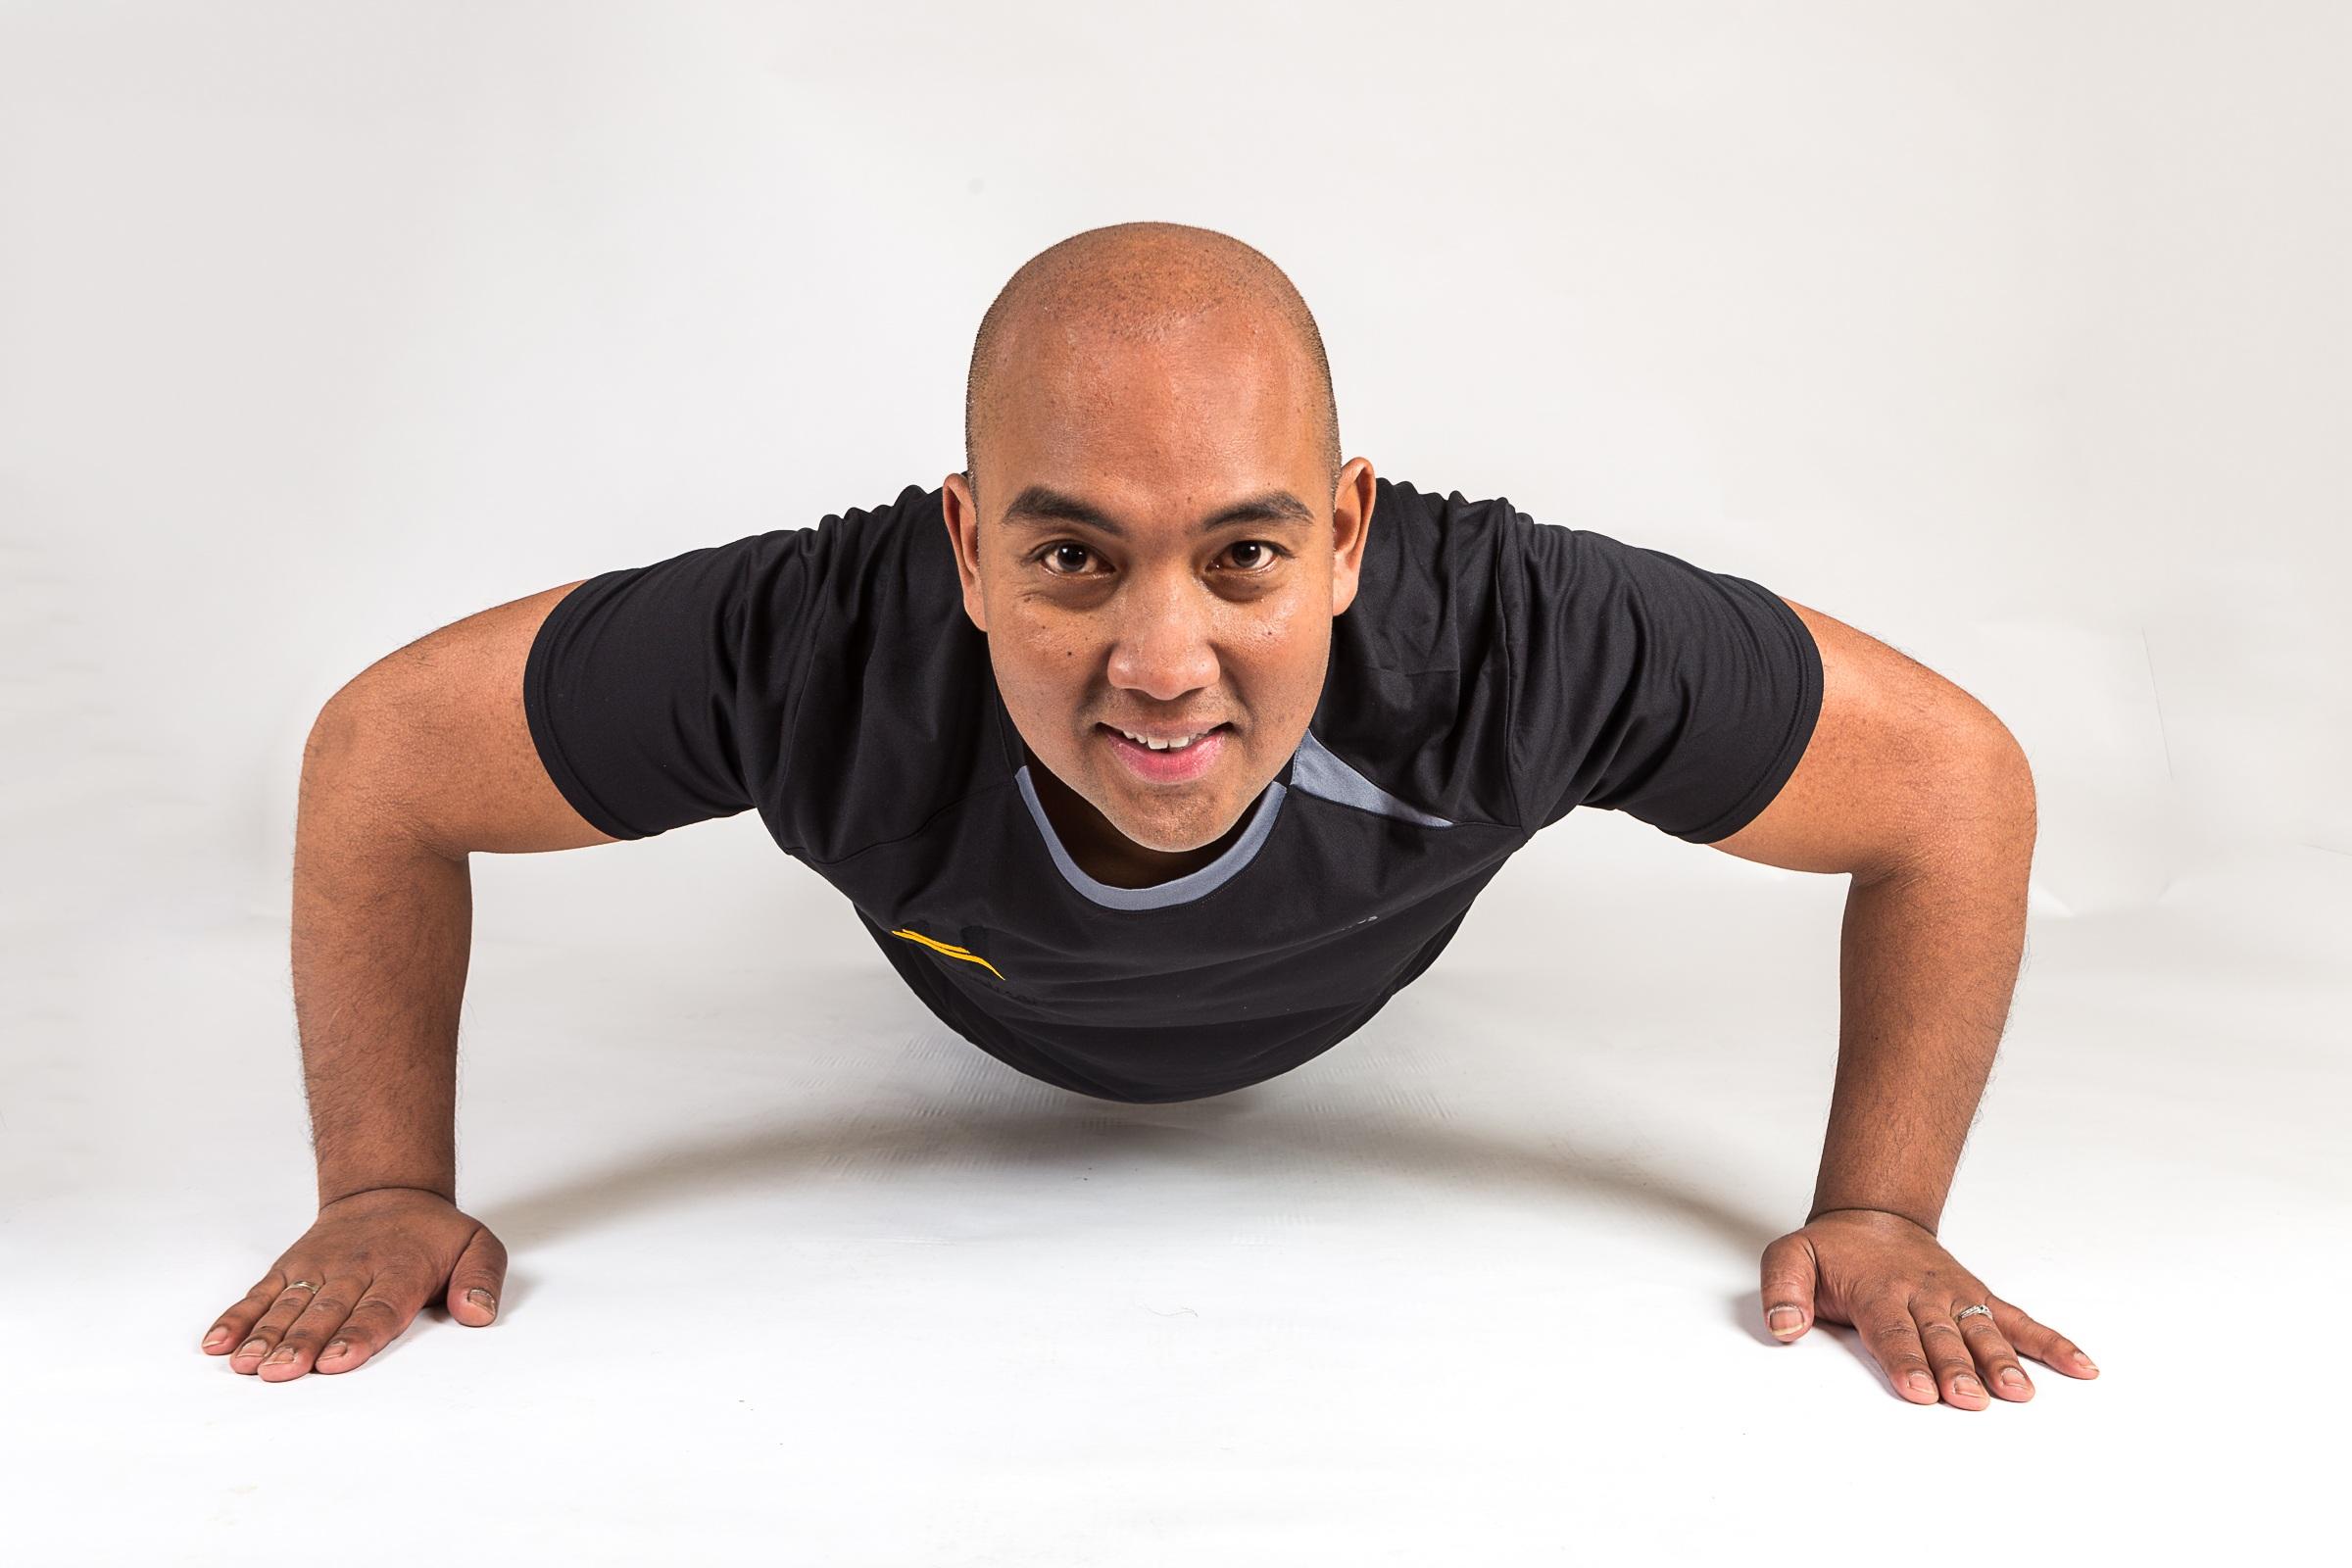 Kostenlose foto : Person, Bein, Arm, Trainer, Muskel, Brust ...